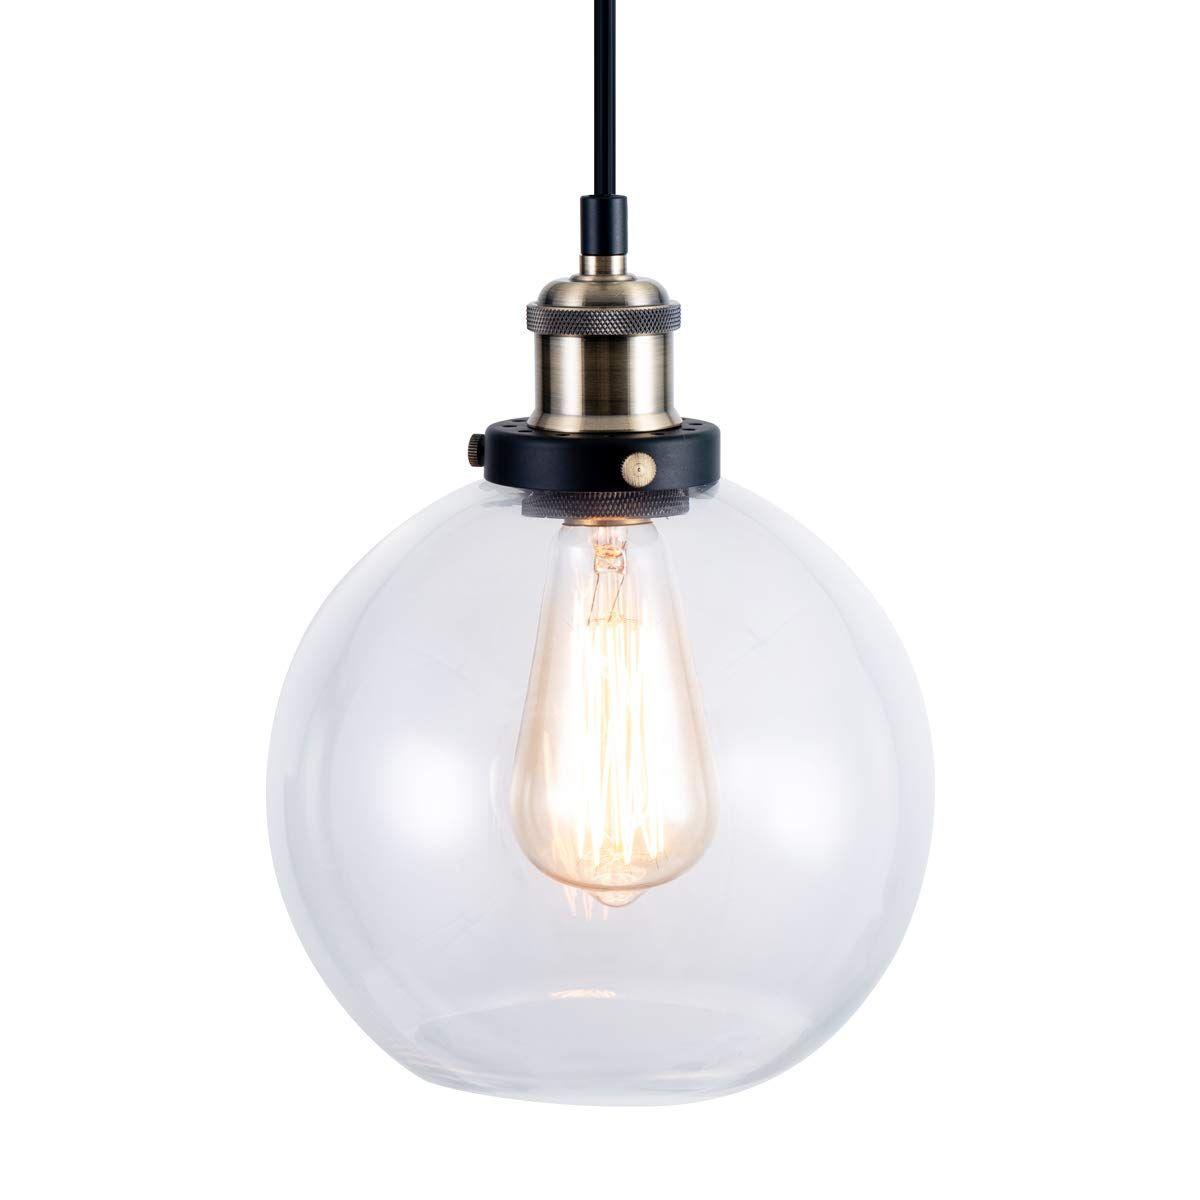 1 Light Ceiling Pendant Vintage Lighting In 2020 Ceiling Lights Classic Pendant Lighting Pendant Light